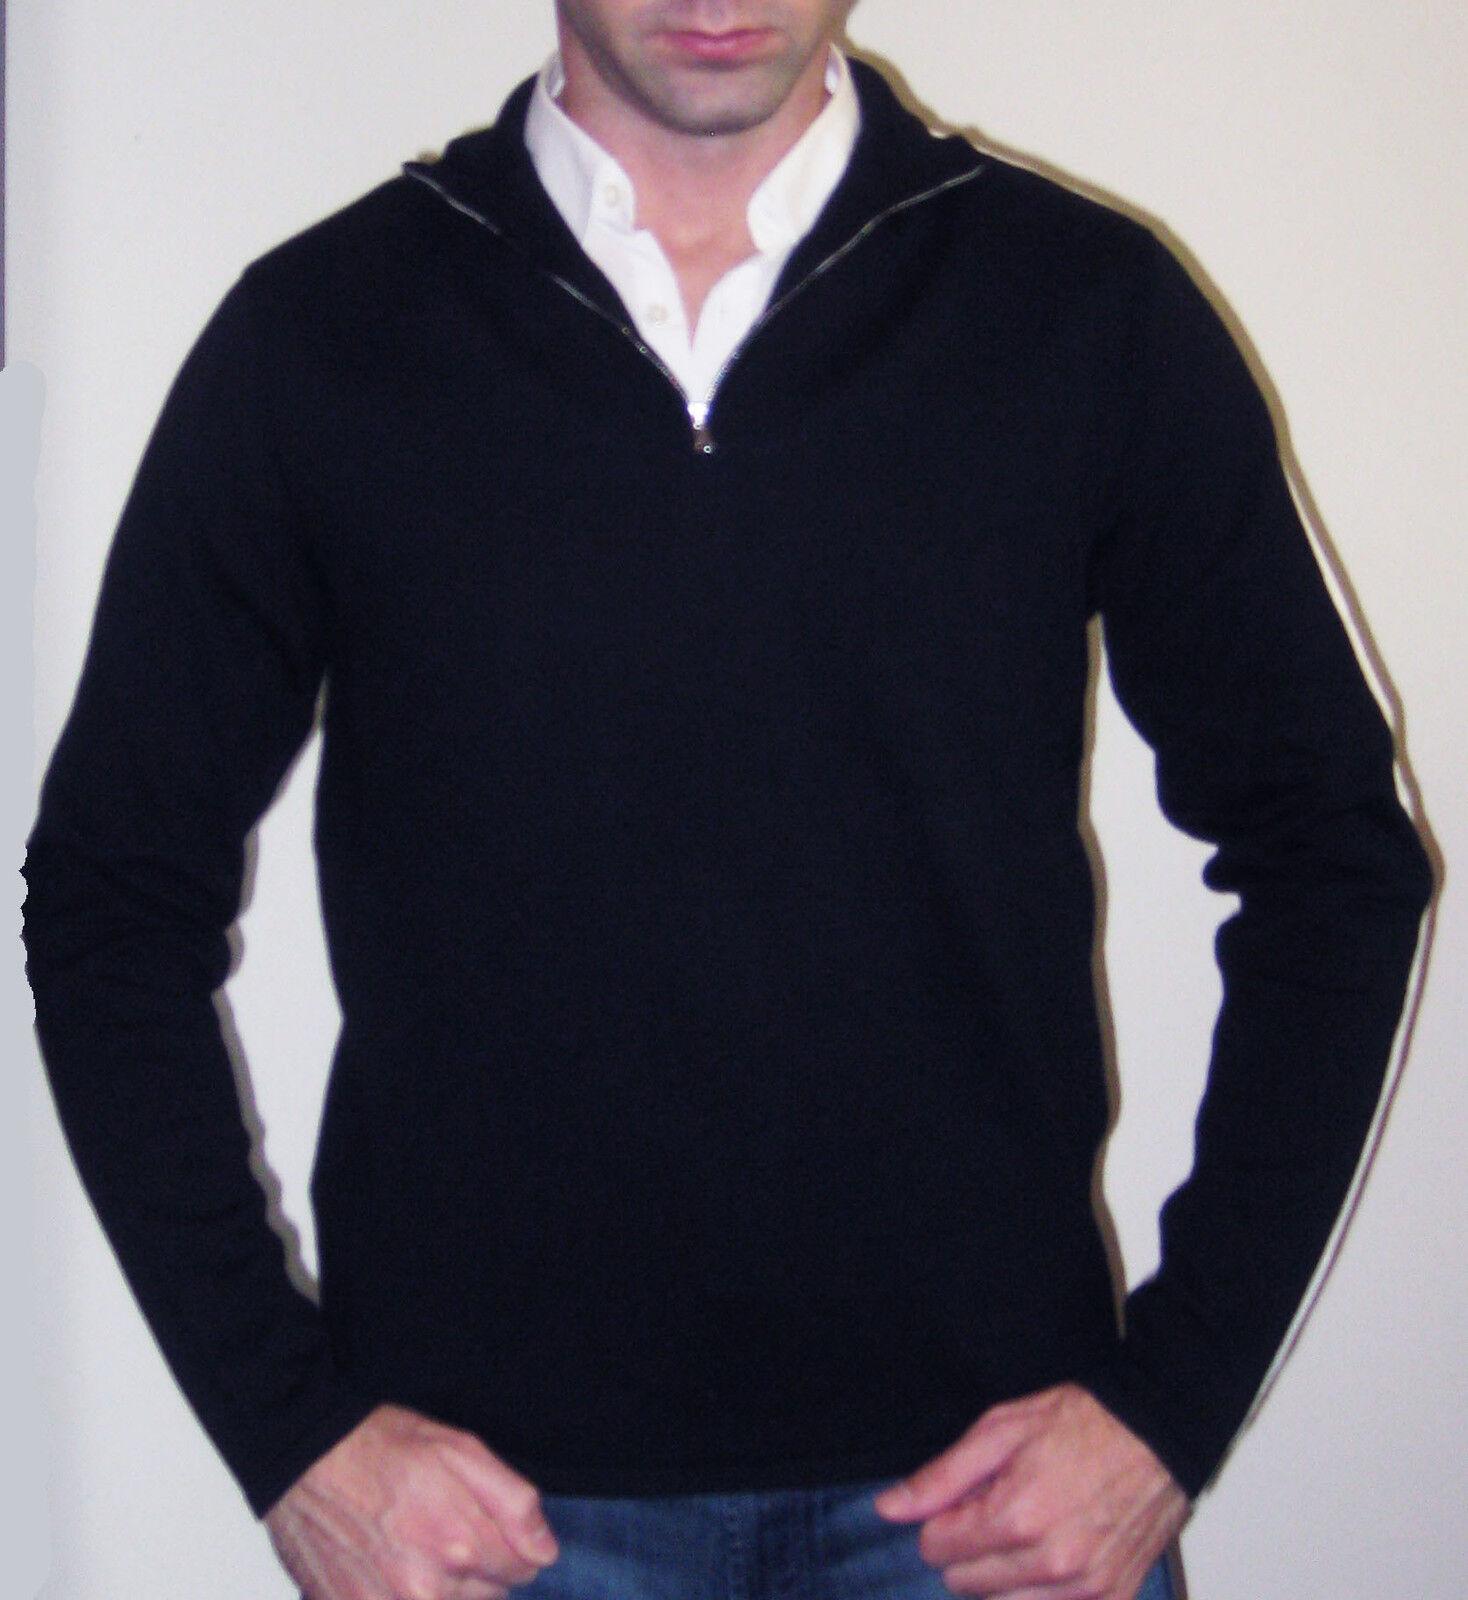 Ralph Lauren RLX 100% Pima baumwolle 1 2 Zip schweißer - Größe Medium -  265 MSRP